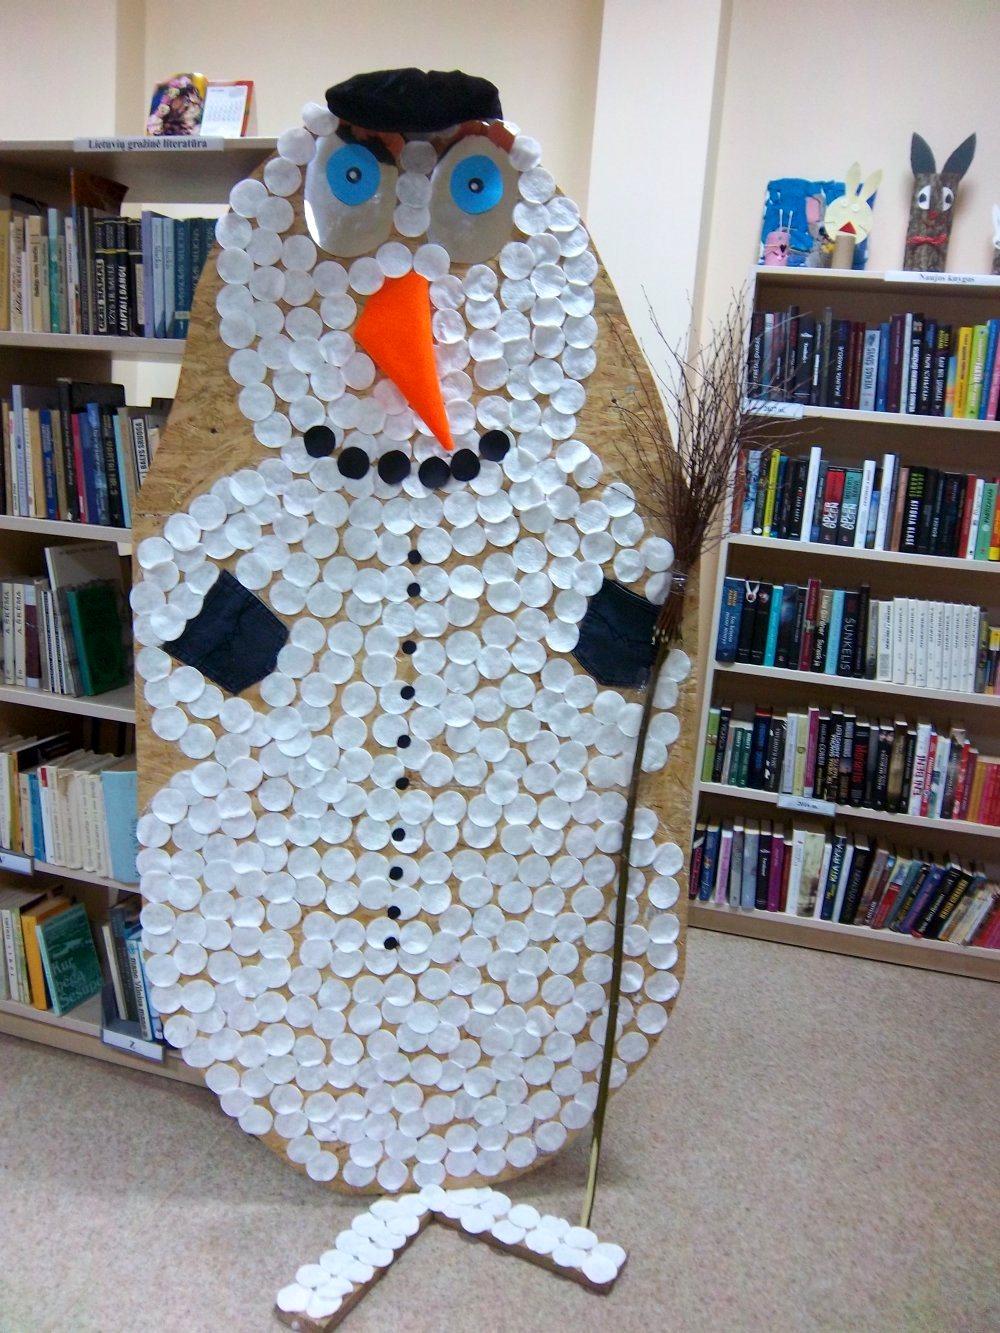 Žiemos švenčių belaukiant | Zarasų viešosios bibliotekos nuotr.